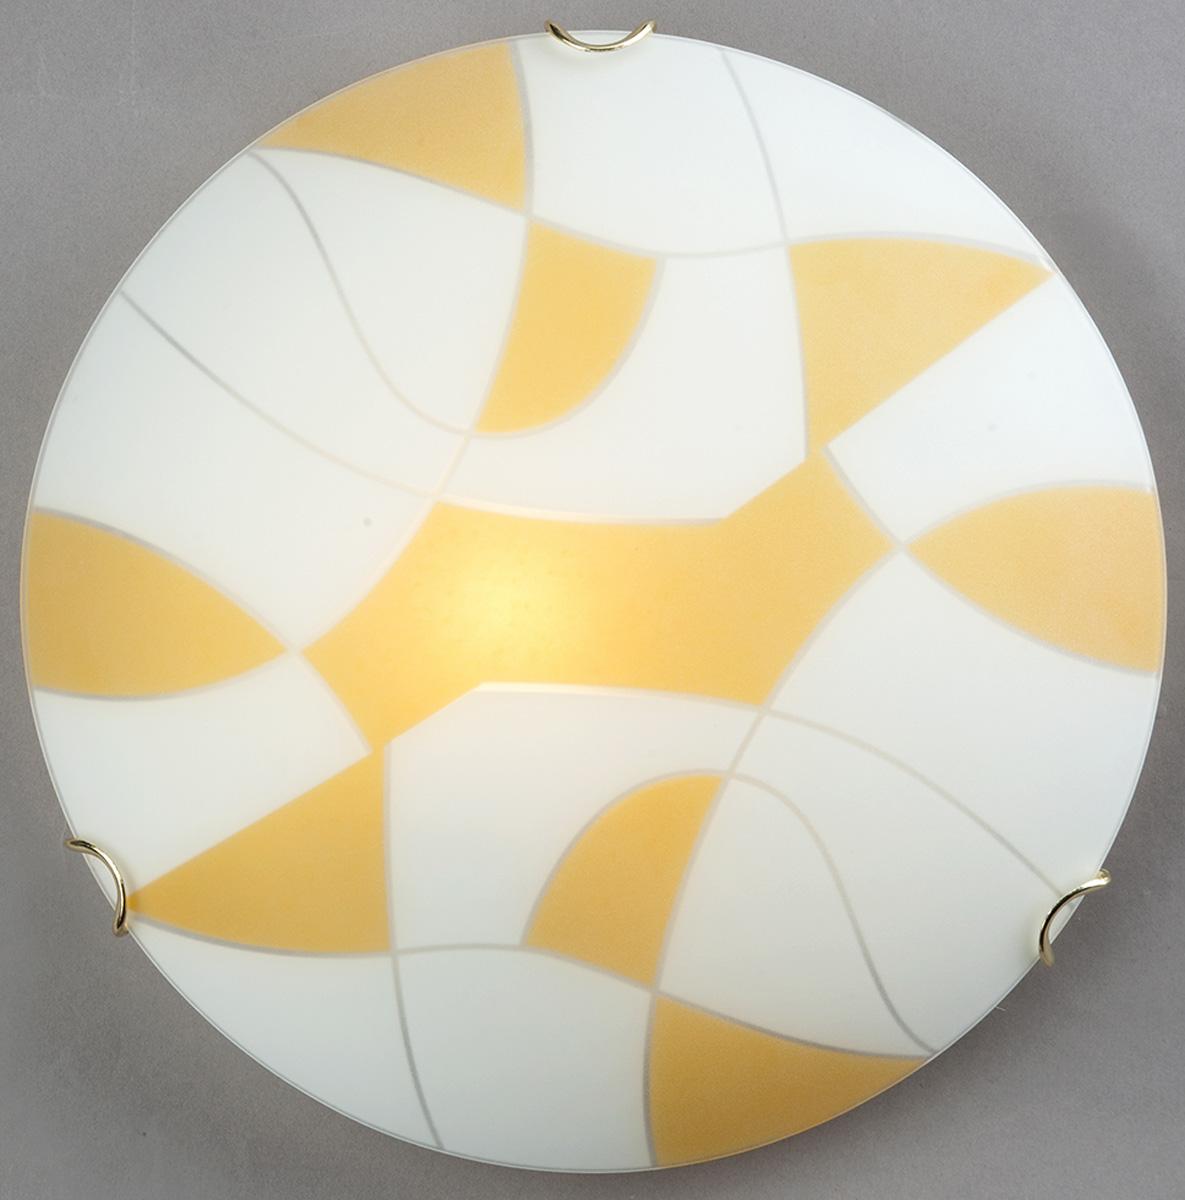 Светильник настенный Vitaluce, 1 х E27, 100 Вт. V6413/1AV6413/1AСветильник Vitaluce, выполненный из высококачественных материалов, крепится к стене. Изделие имеет оригинальный дизайн. Оно дополнит интерьер спальной комнаты или гостиной. К светильнику предусмотрен цоколь Е27 для лампы мощностью 100 Вт.